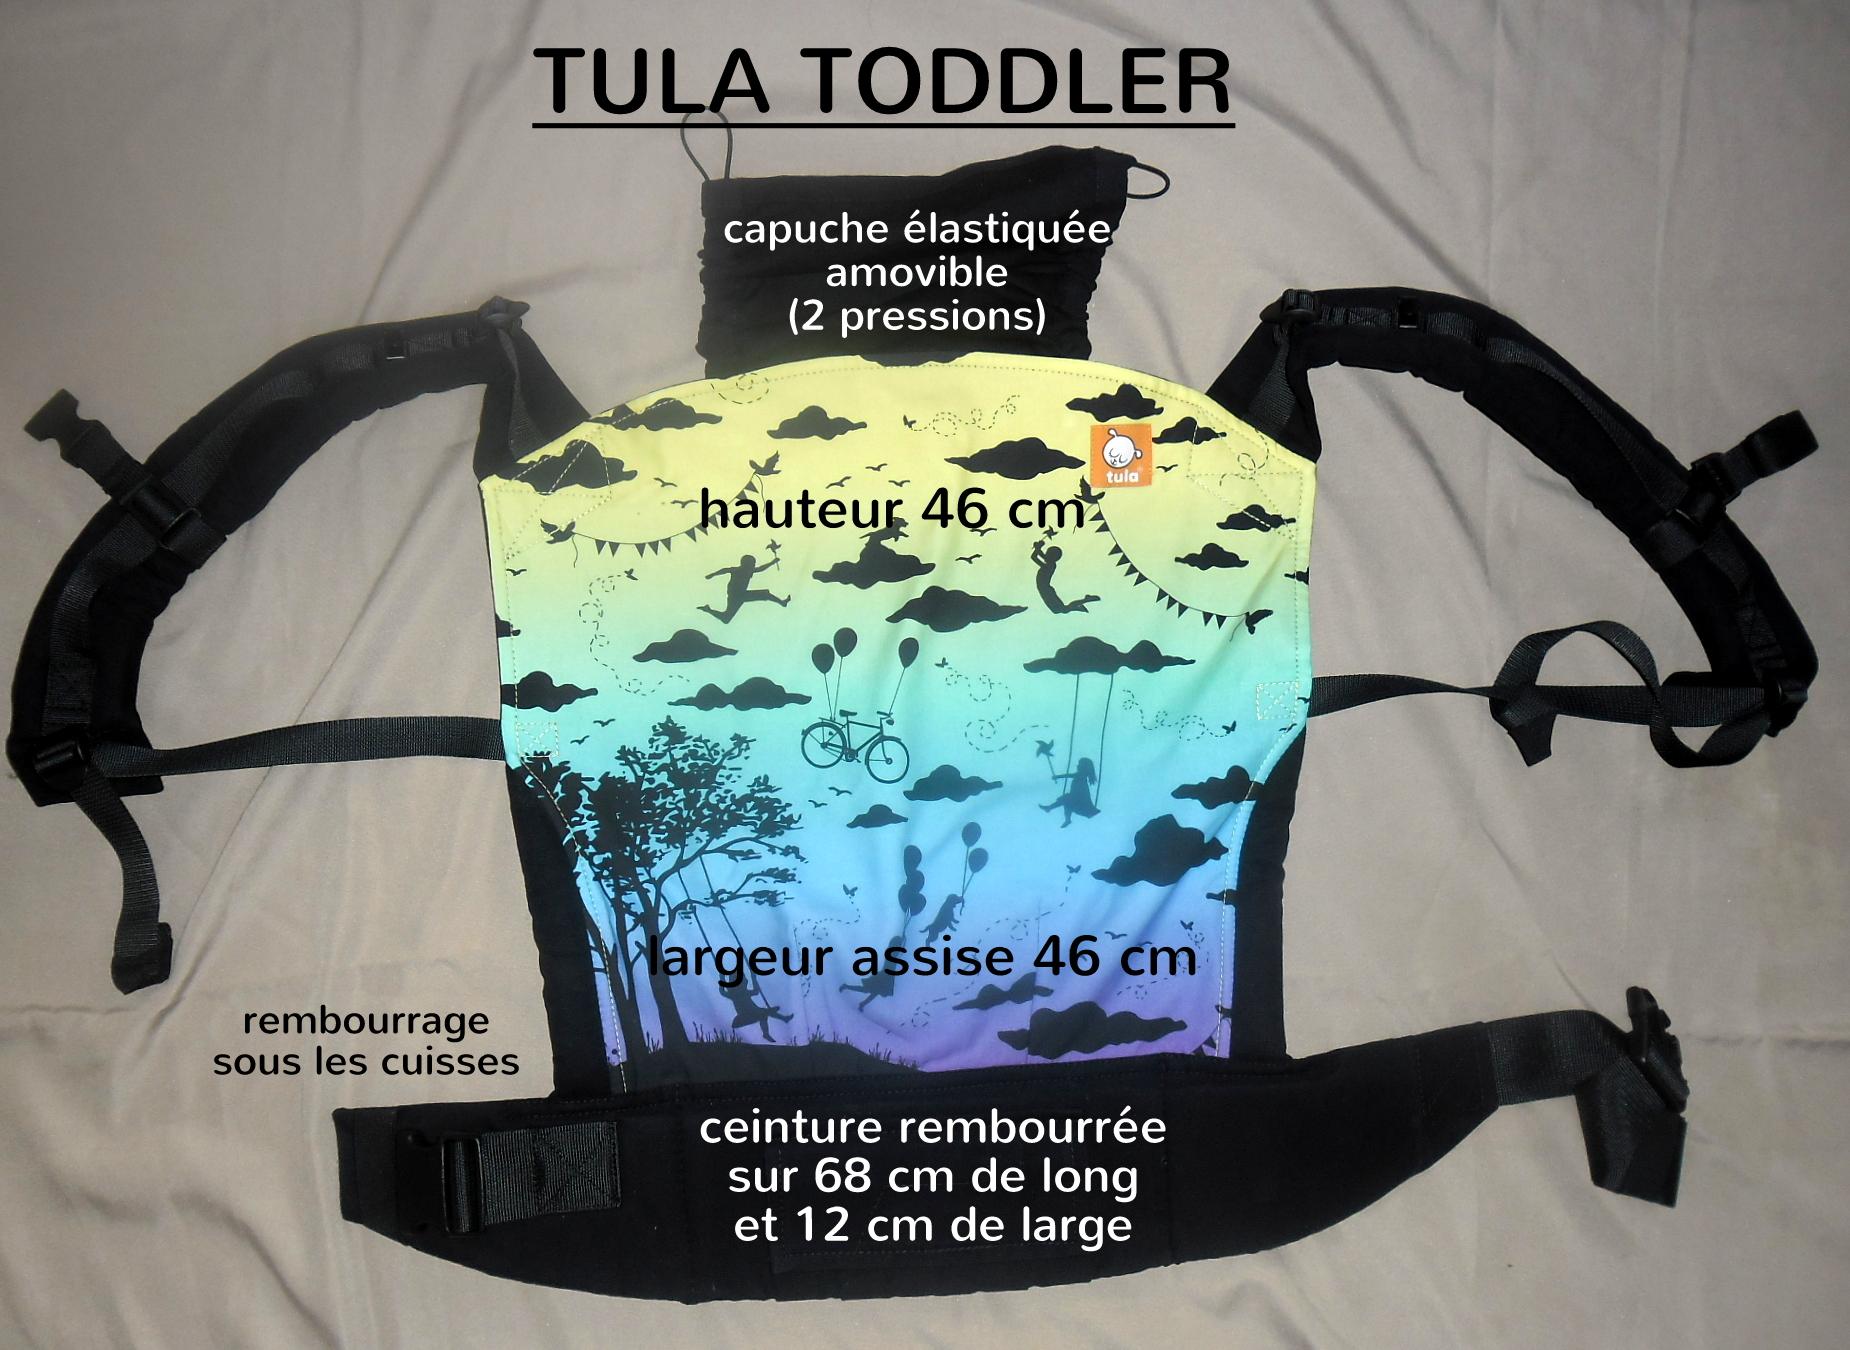 Dimensions du porte-bébé Tula toddler